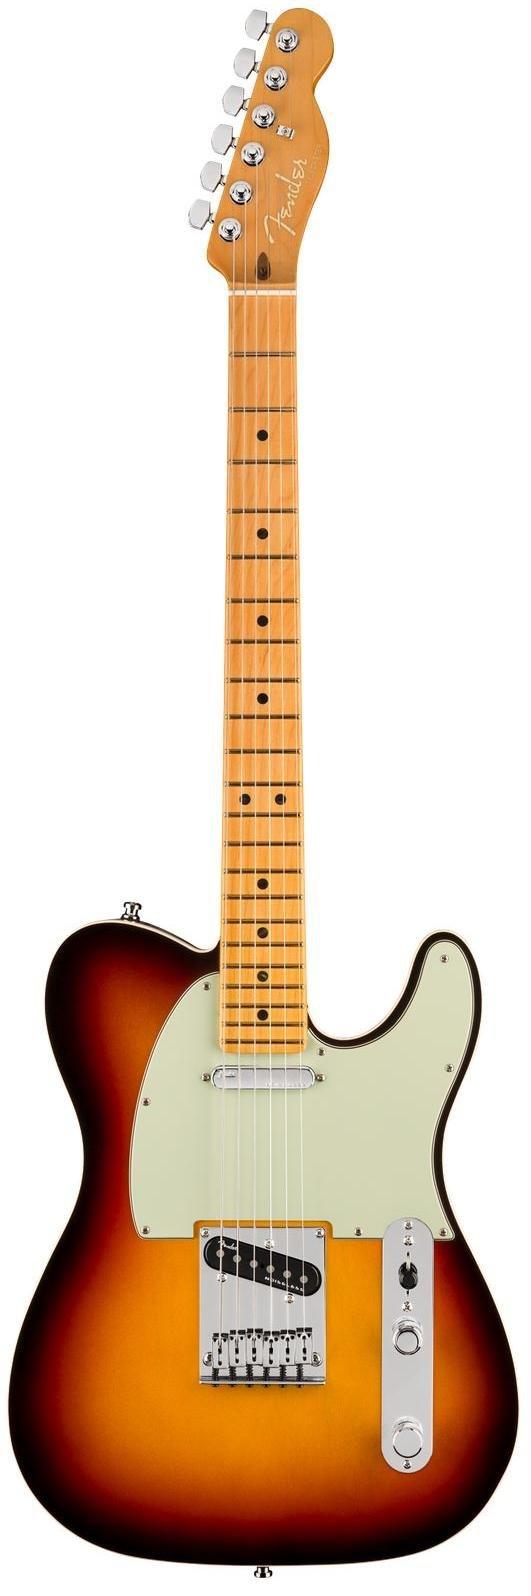 Fender 0118032712 American Ultra Telecaster, Maple Fingerboard - Ultraburst